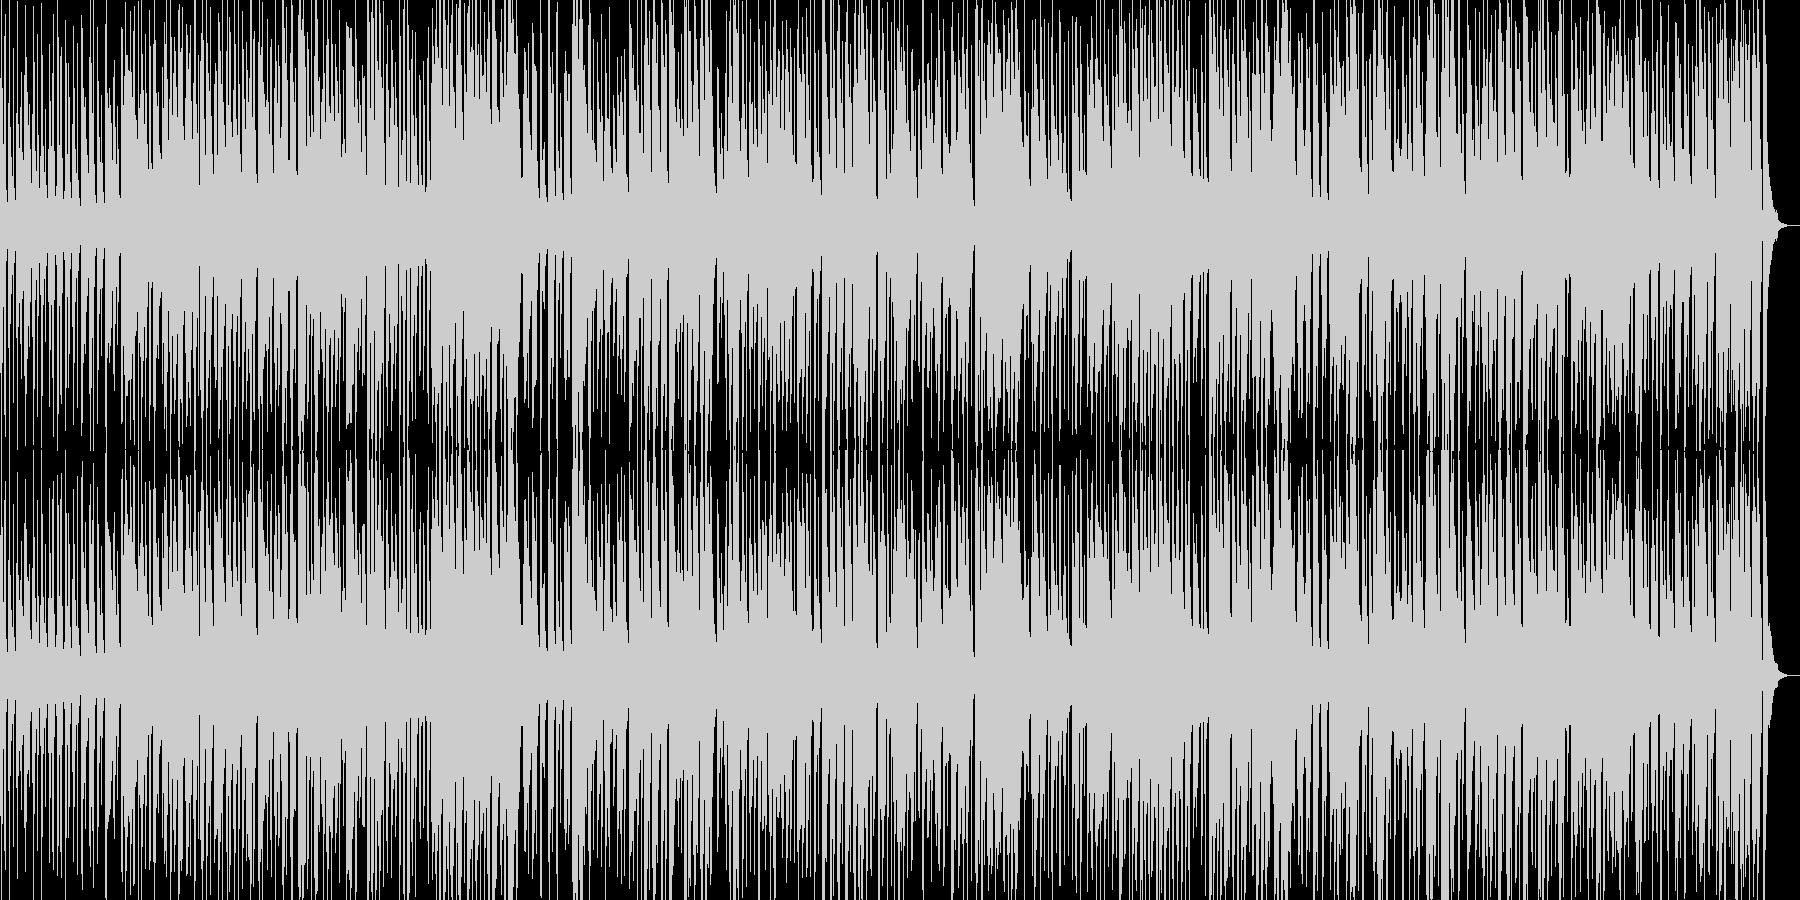 晩秋の雰囲気、ピアノジャズトリオの未再生の波形